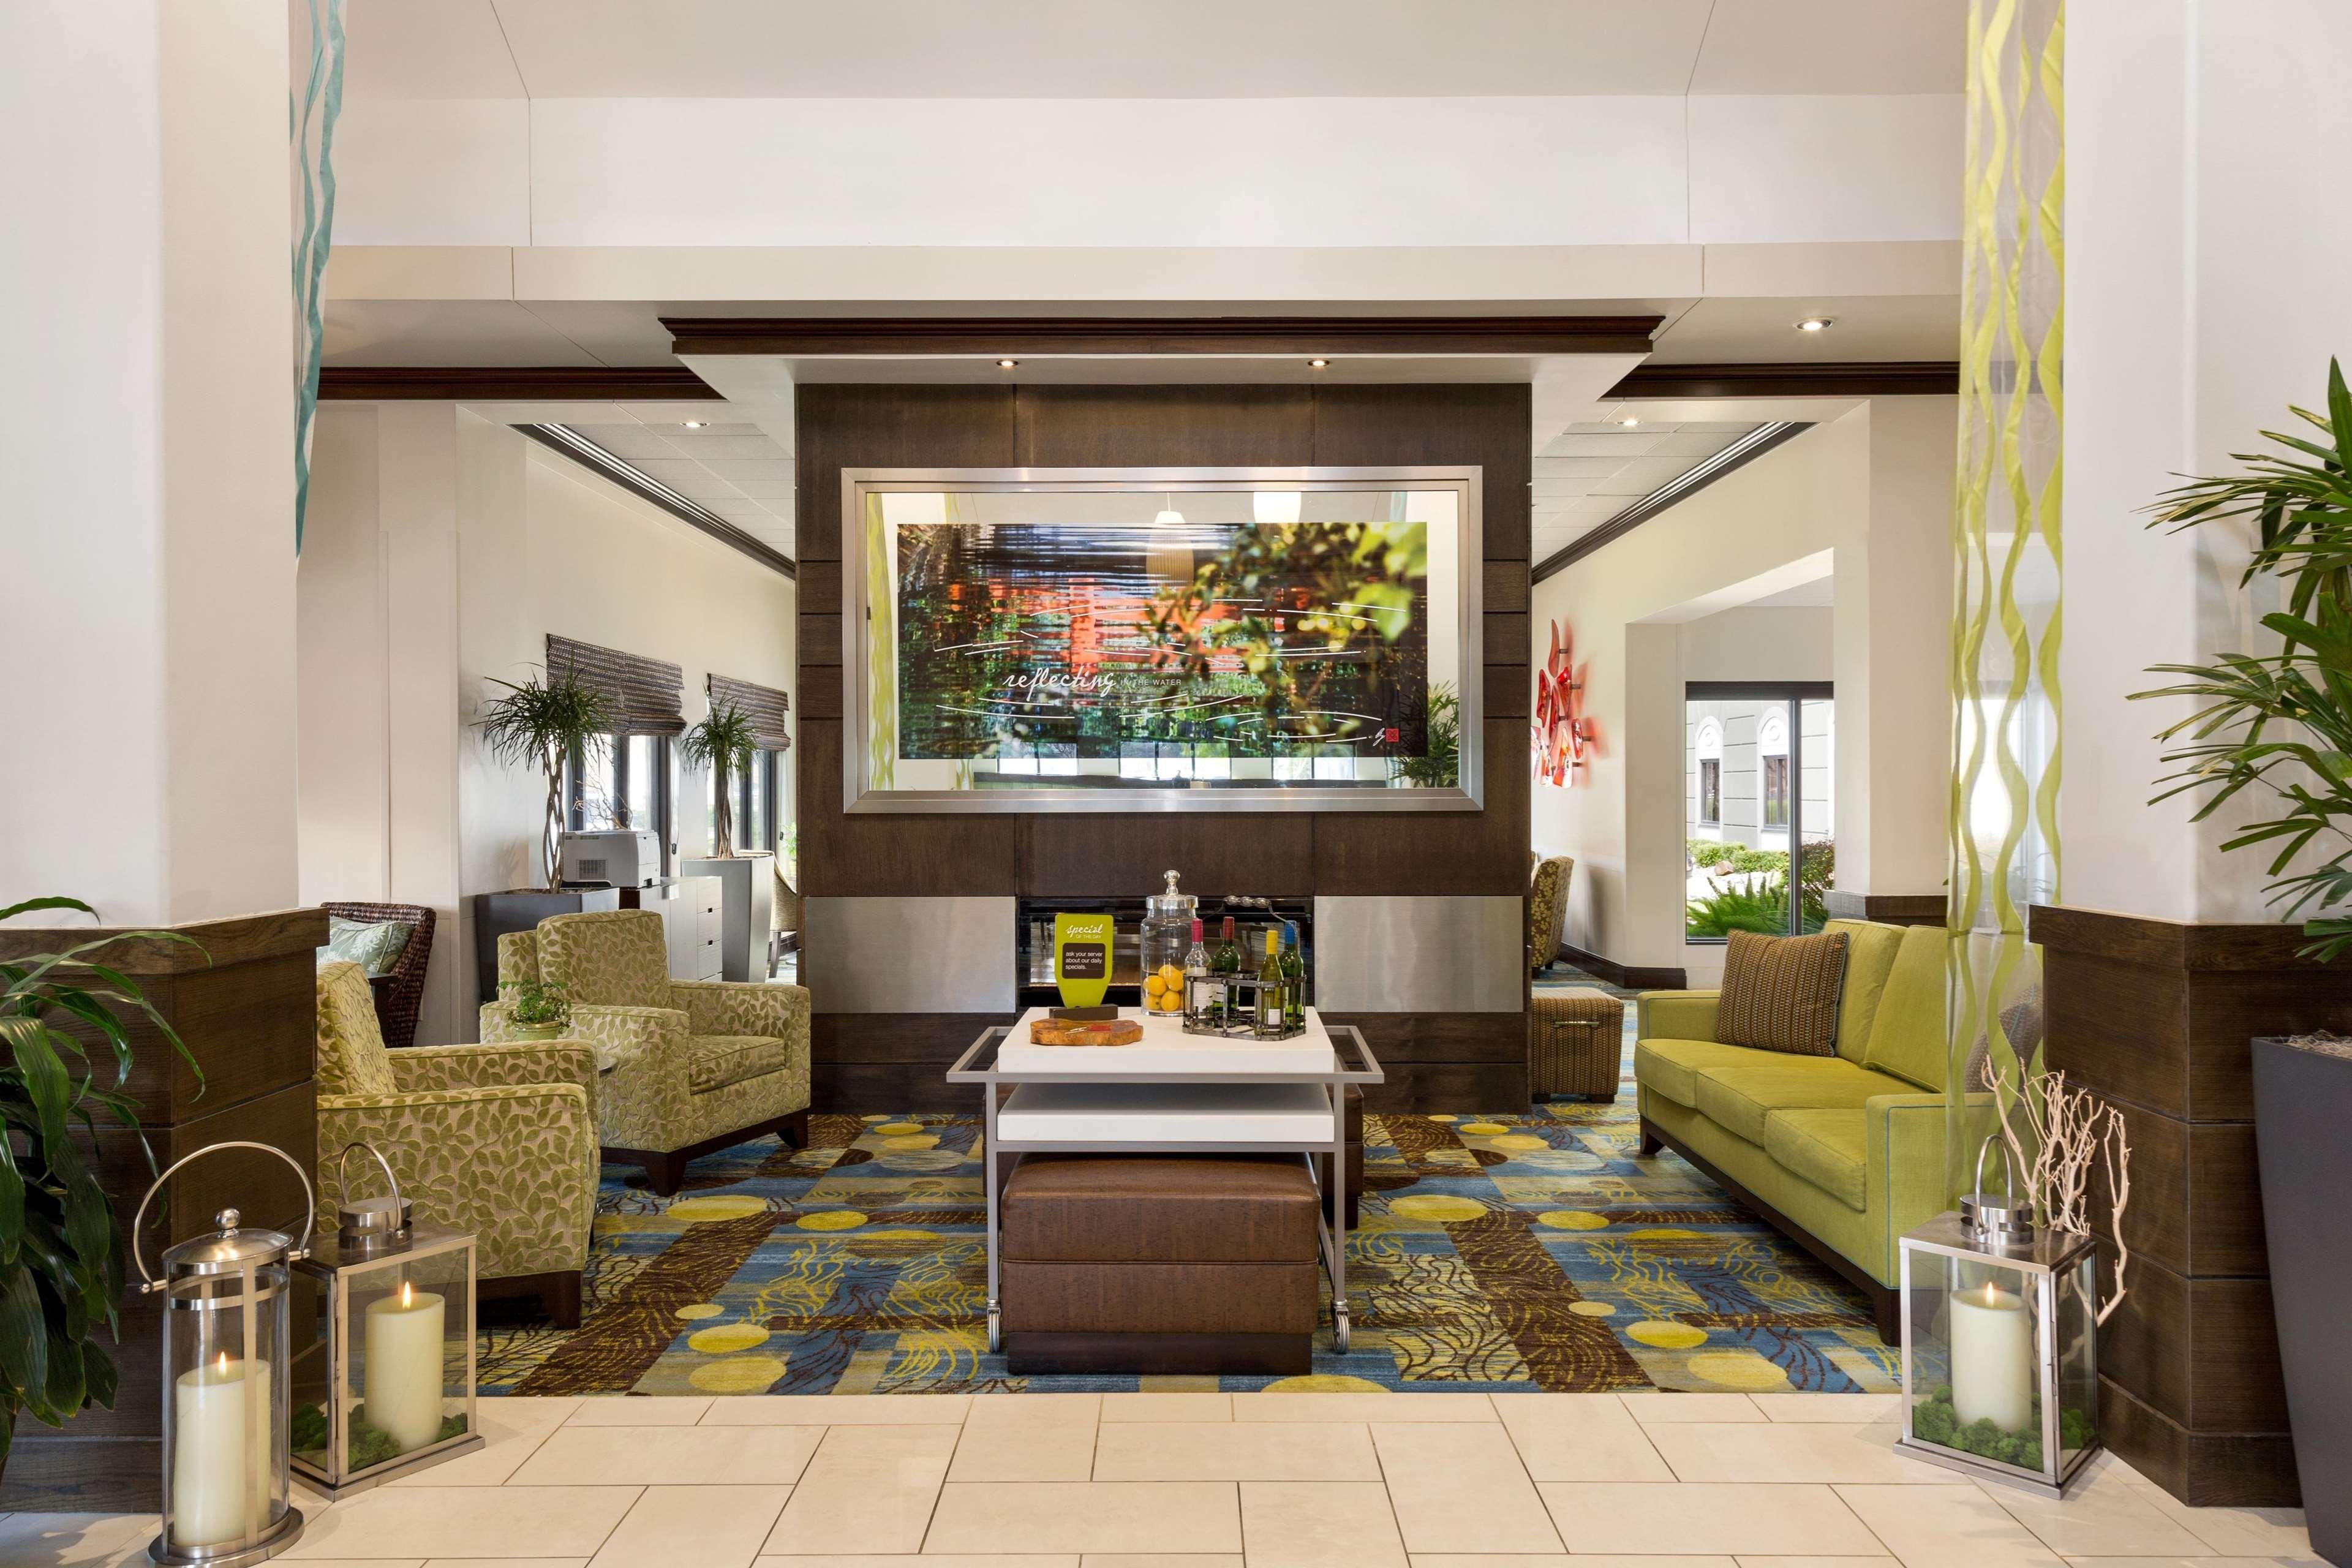 Hilton Garden Inn Houston NW/Willowbrook image 24